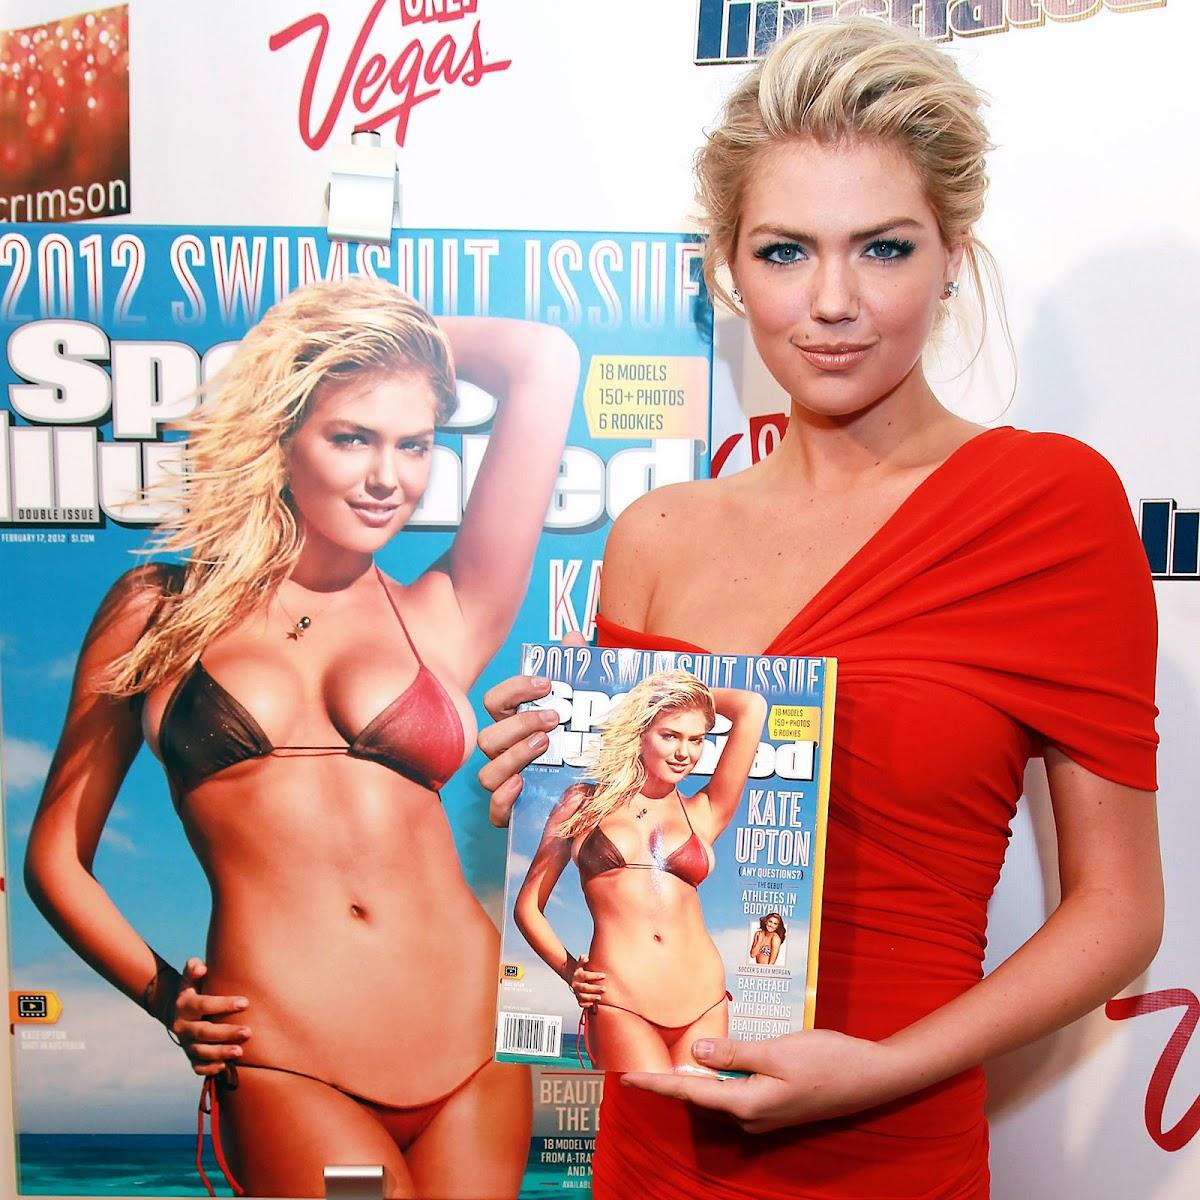 http://3.bp.blogspot.com/-1brXK7Mnh6E/Tz9G8__eQGI/AAAAAAAAdNo/TGW3KNgzDaQ/s1200/Kate_Upton_2012020026.jpg